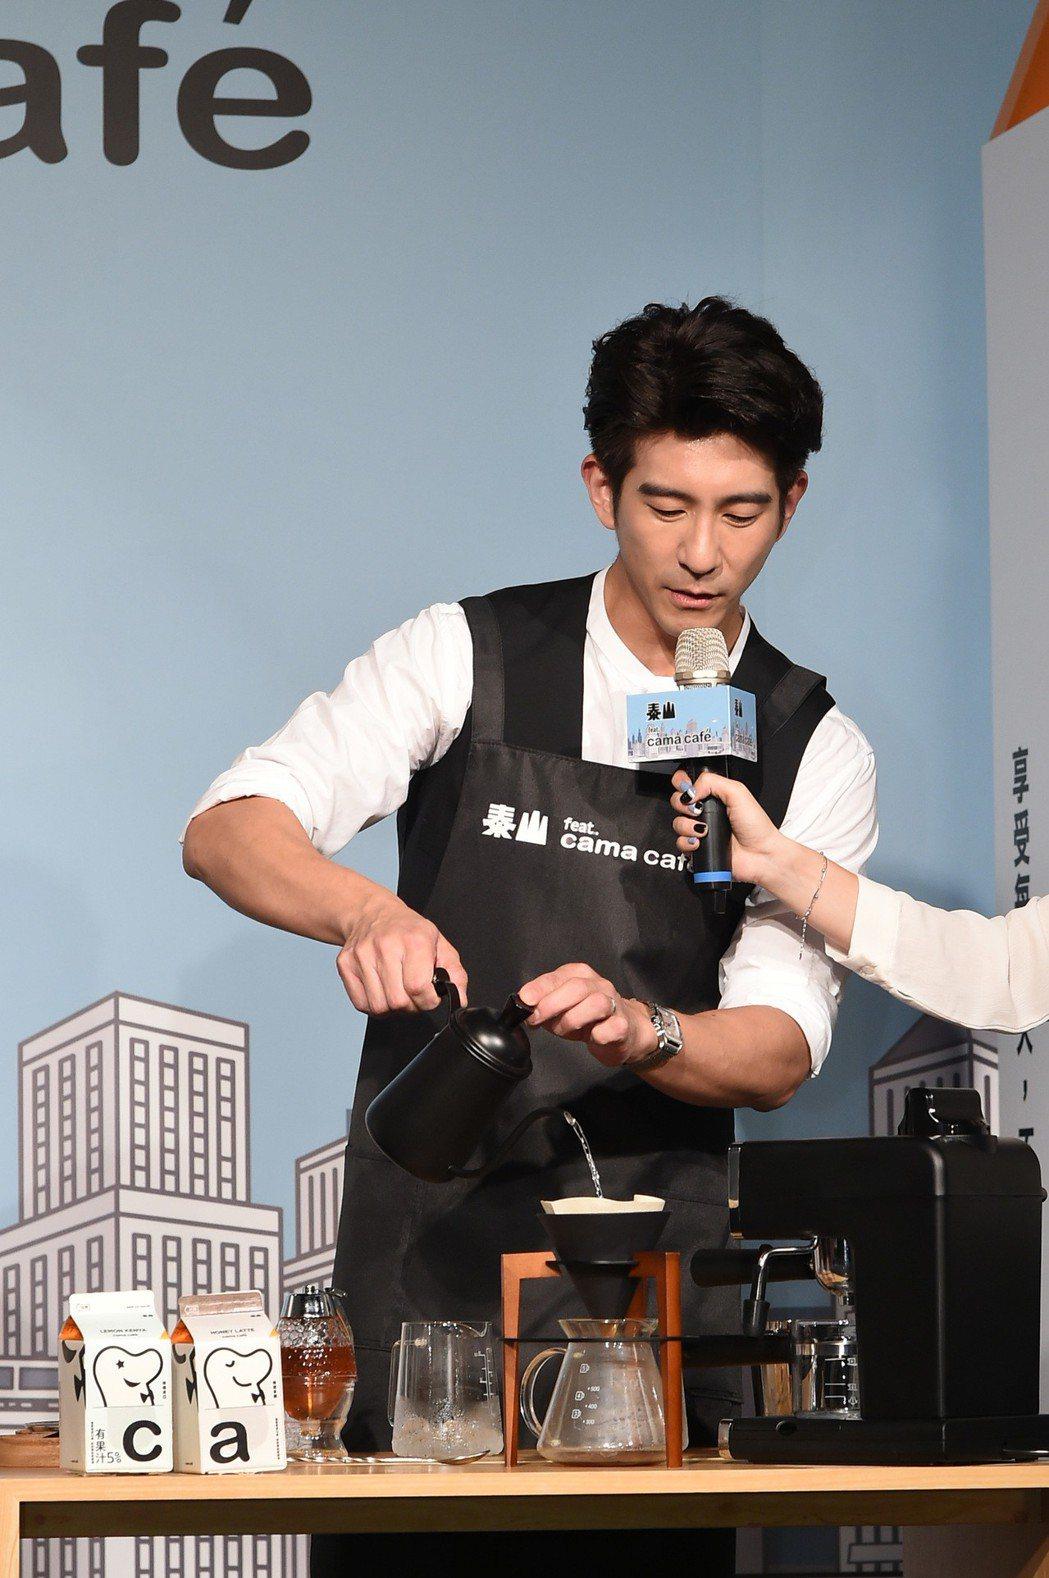 修杰楷在現場示範手沖咖啡。圖/泰山企業提供